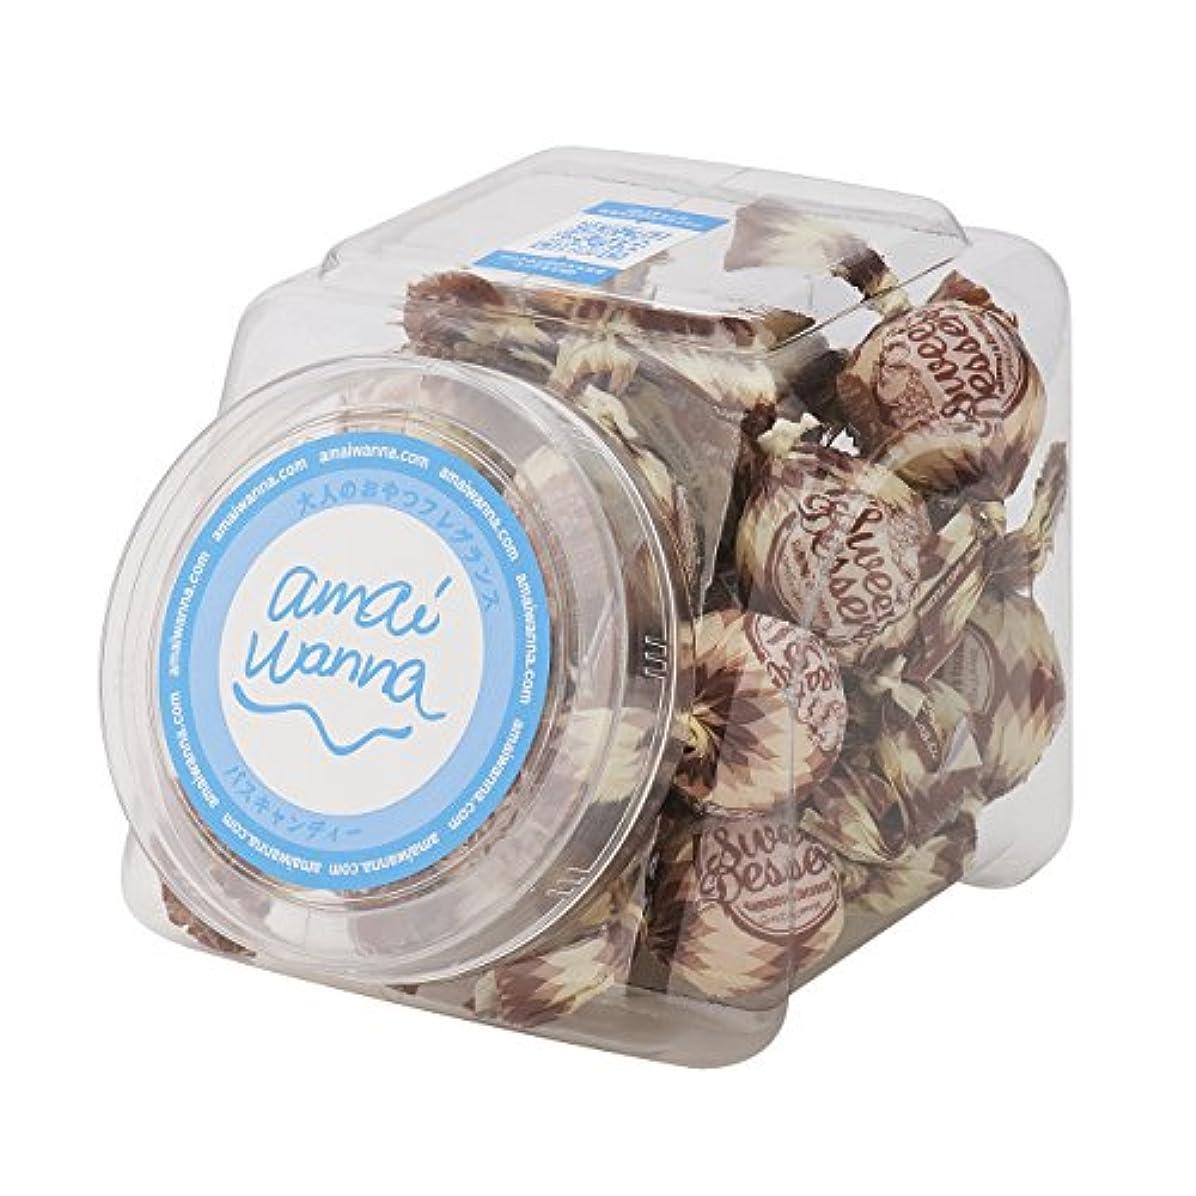 批判開梱区別アマイワナ バスキャンディーポットセット 真夏のココ 35g×24コ(発泡タイプ入浴料 風にそよぐスイートココナッツの香り)